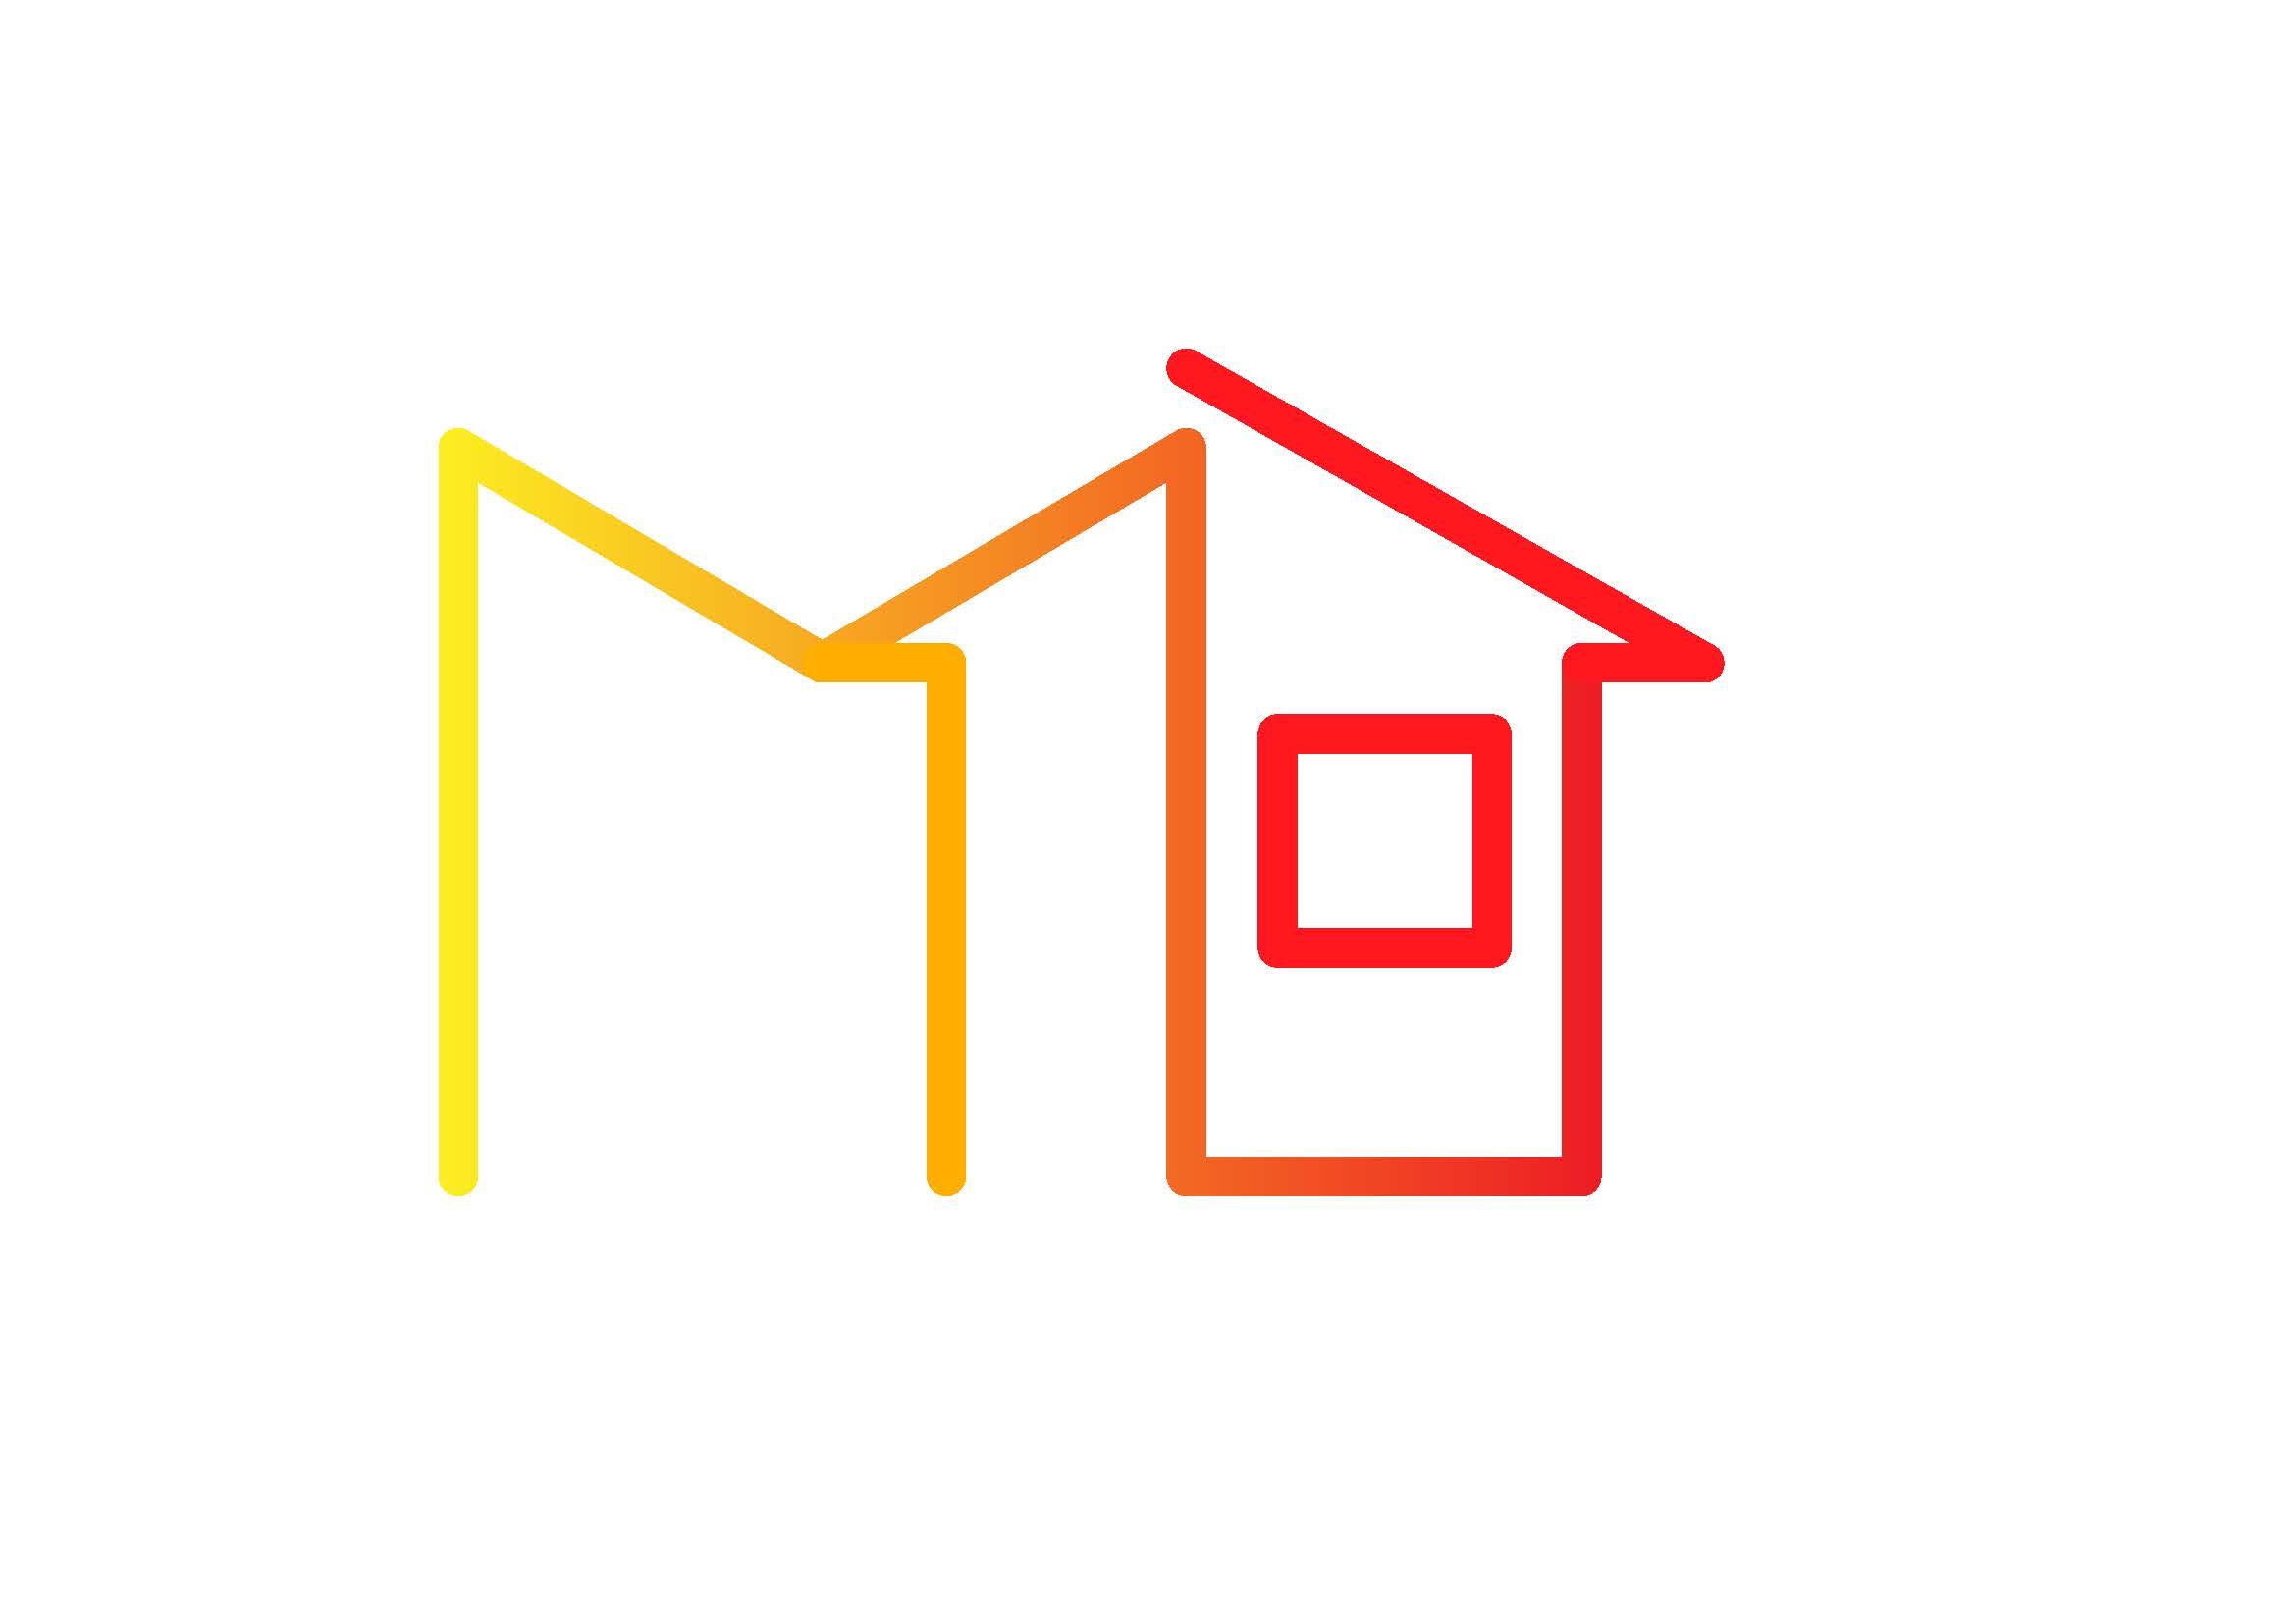 Разработка логотипа фото f_5305c5afb5c52826.jpg